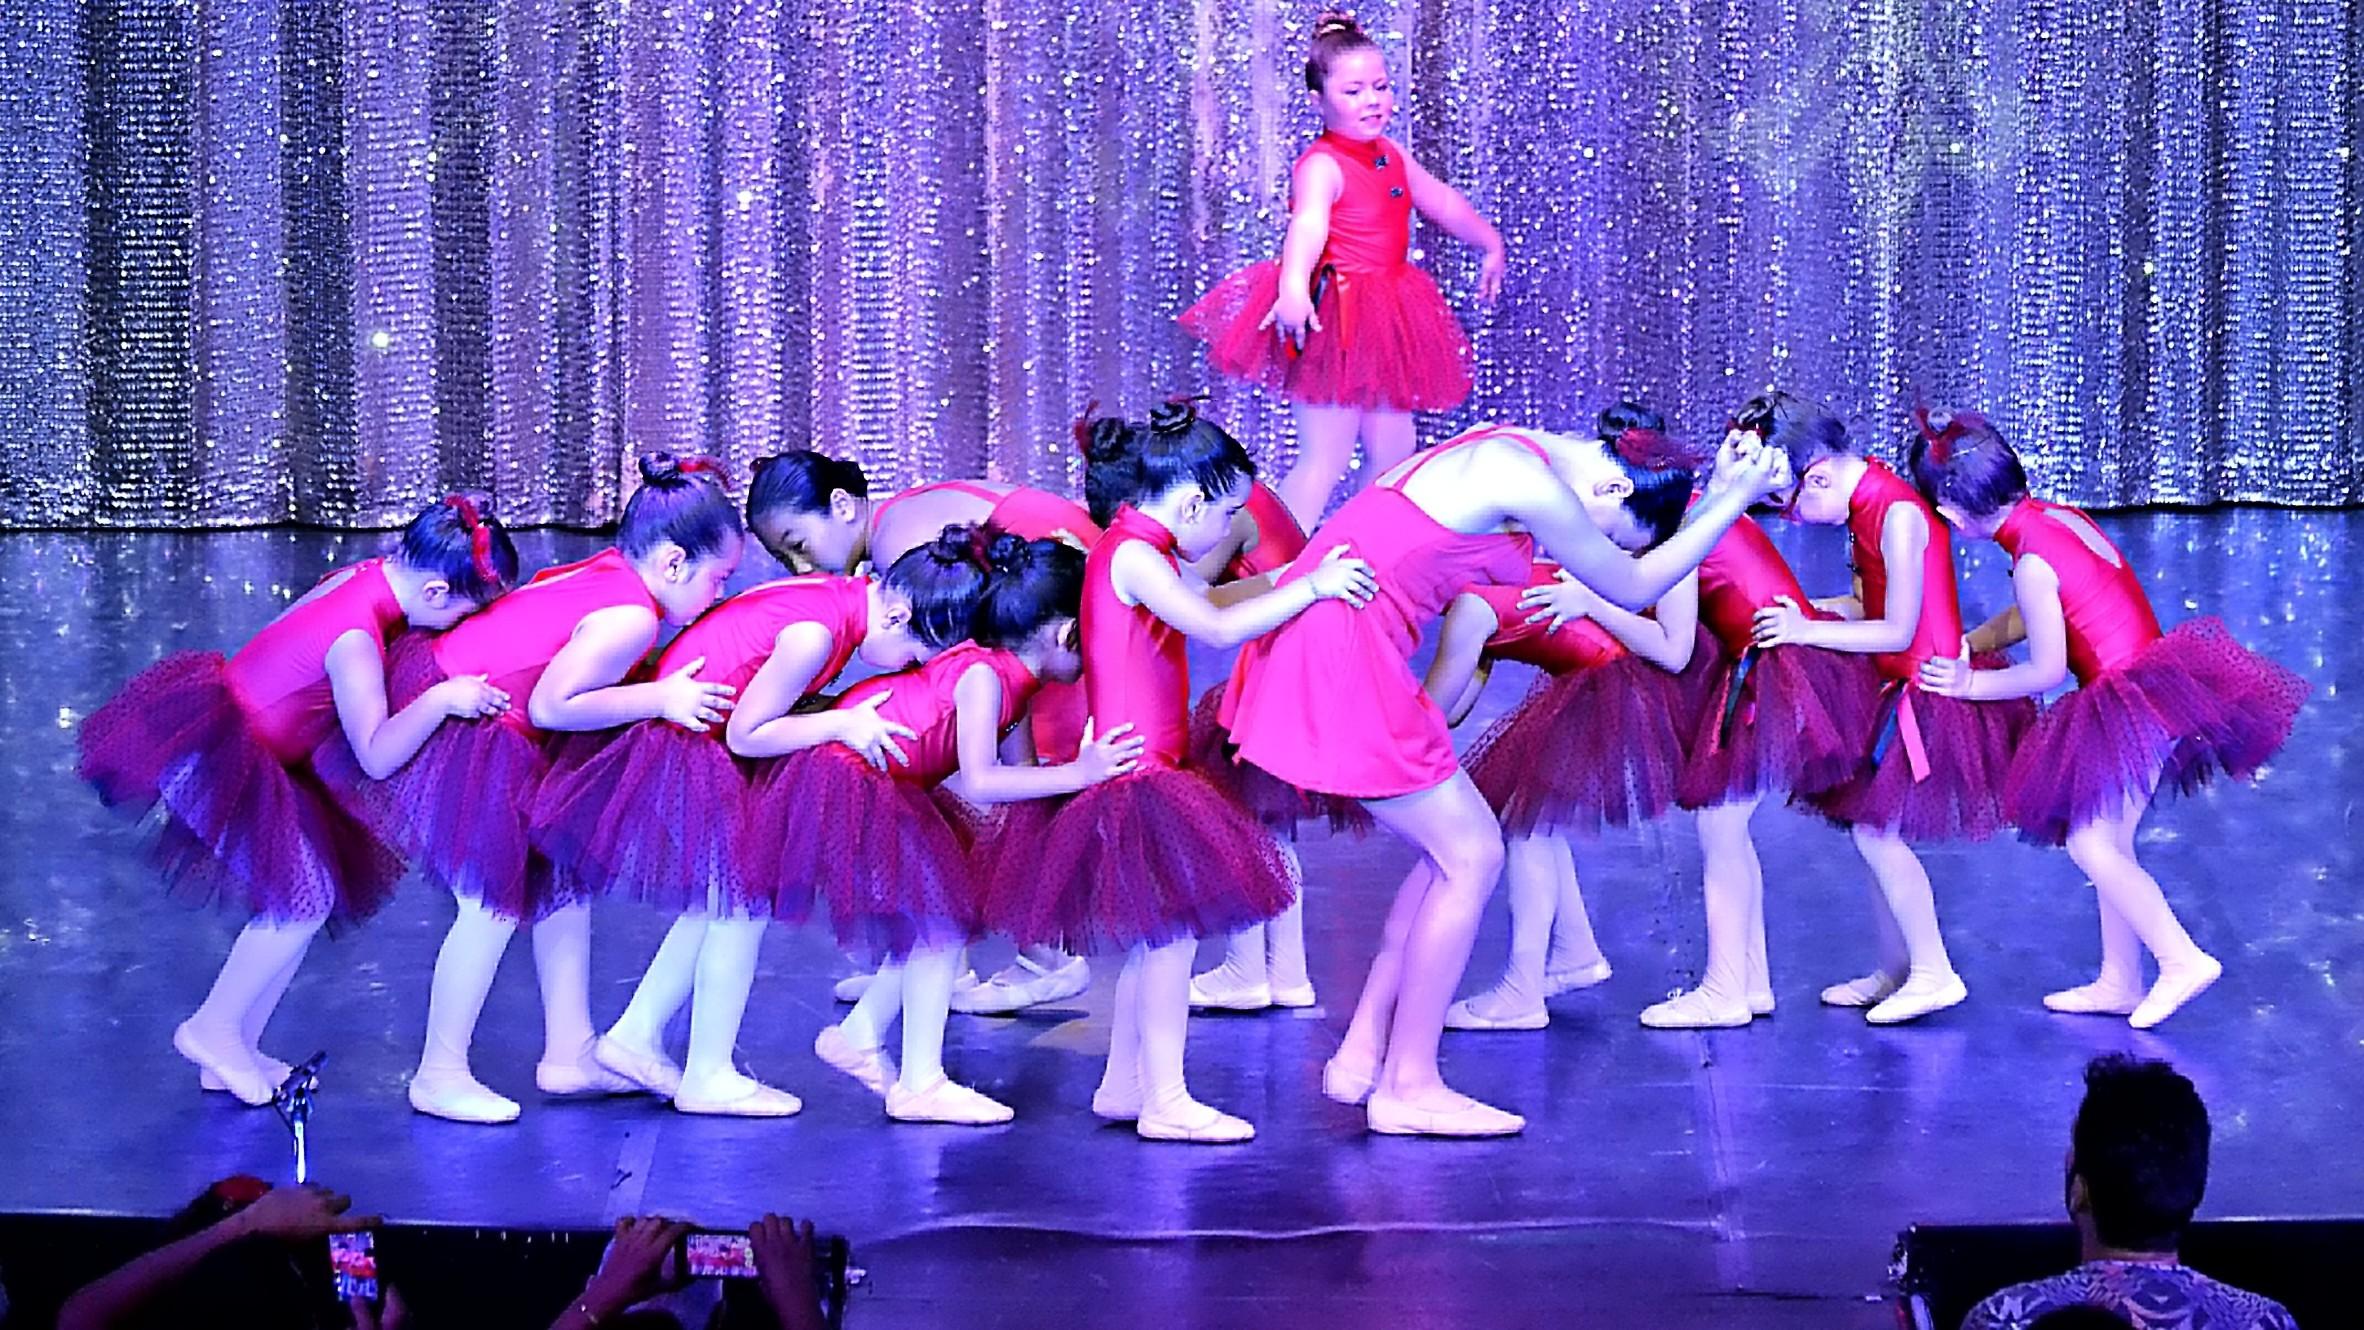 Linea-de-Baile-festival-verano-2015-clases-de-baile-valencia-121